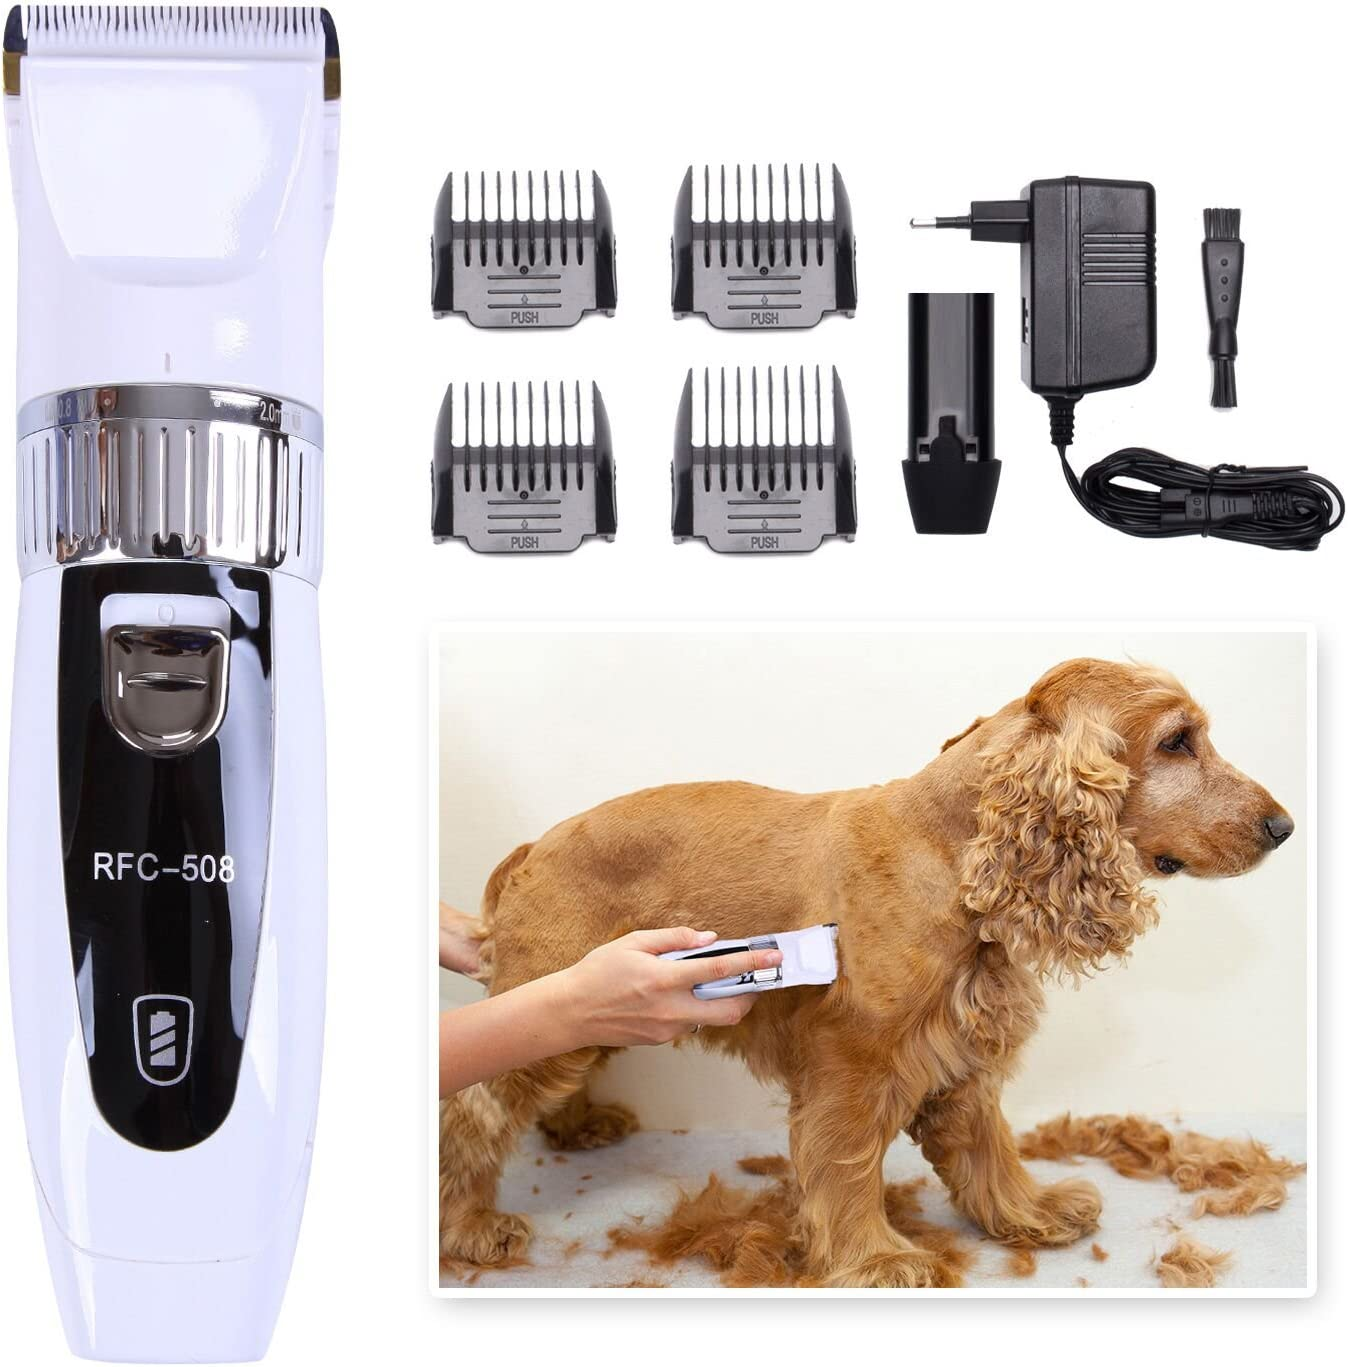 maquina para cortar pelo duro de perros, de color blanco, con perro cocker pelado